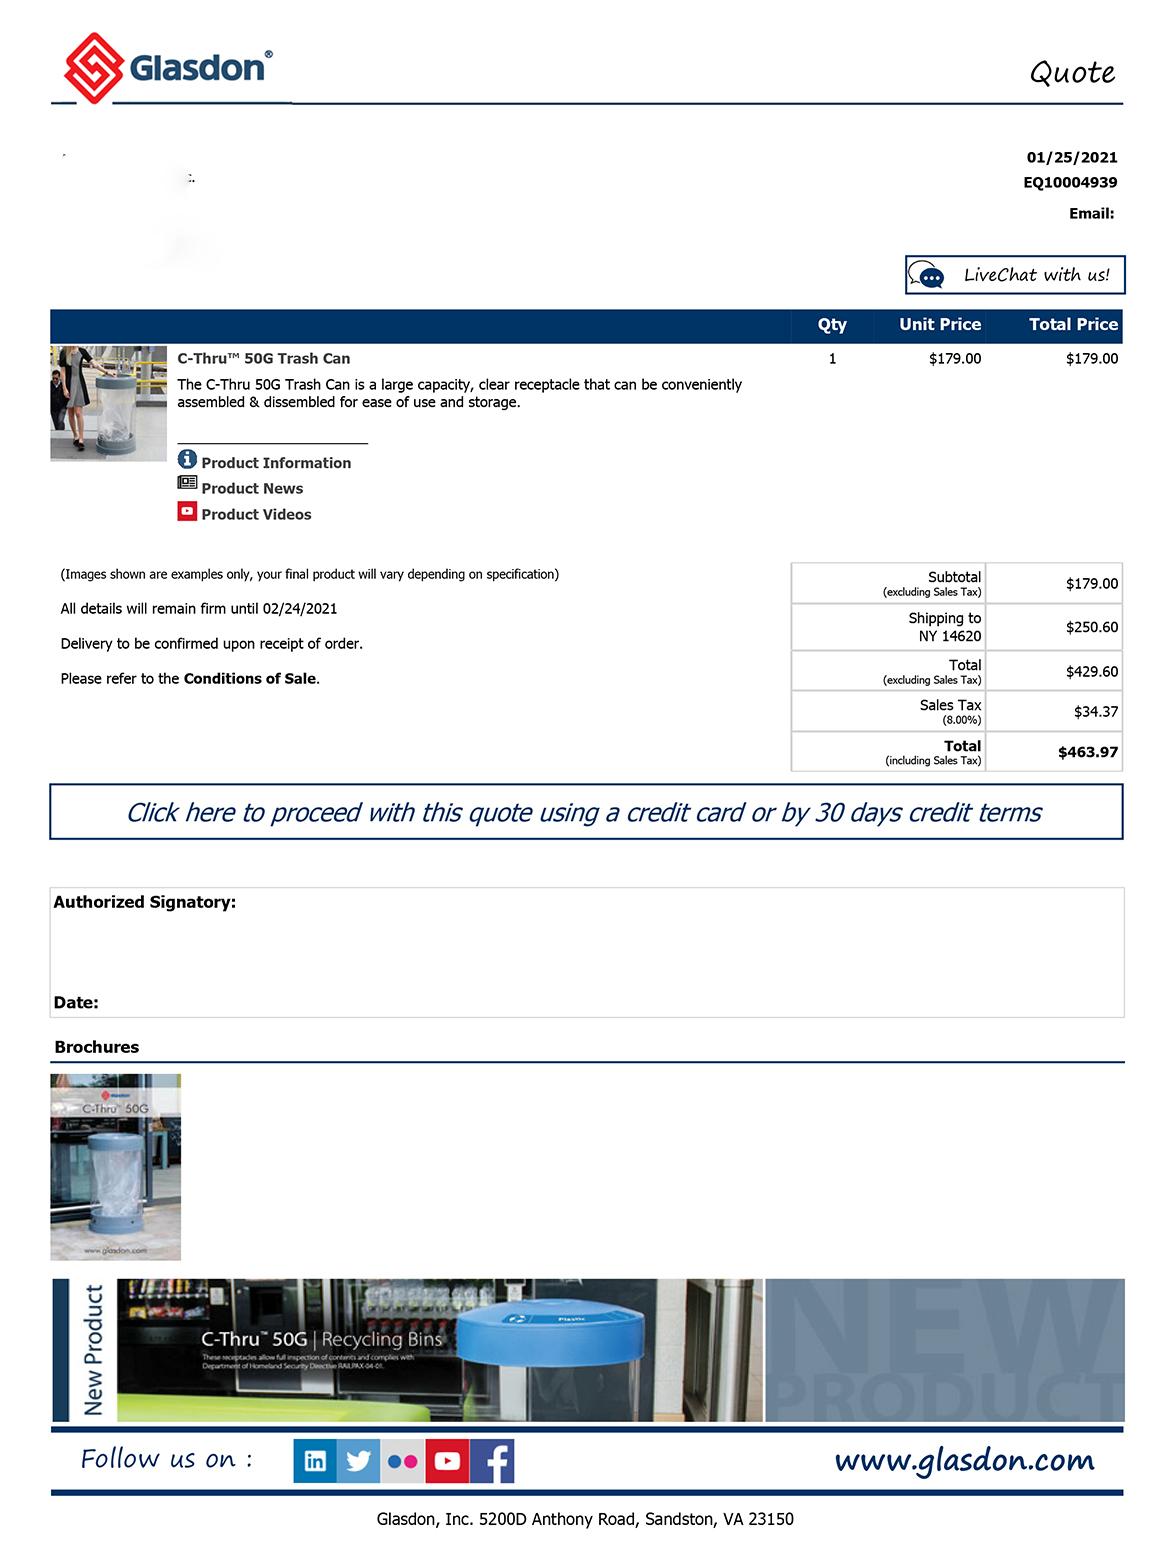 EQ10004939 - Glasdon, Inc 001.jpg